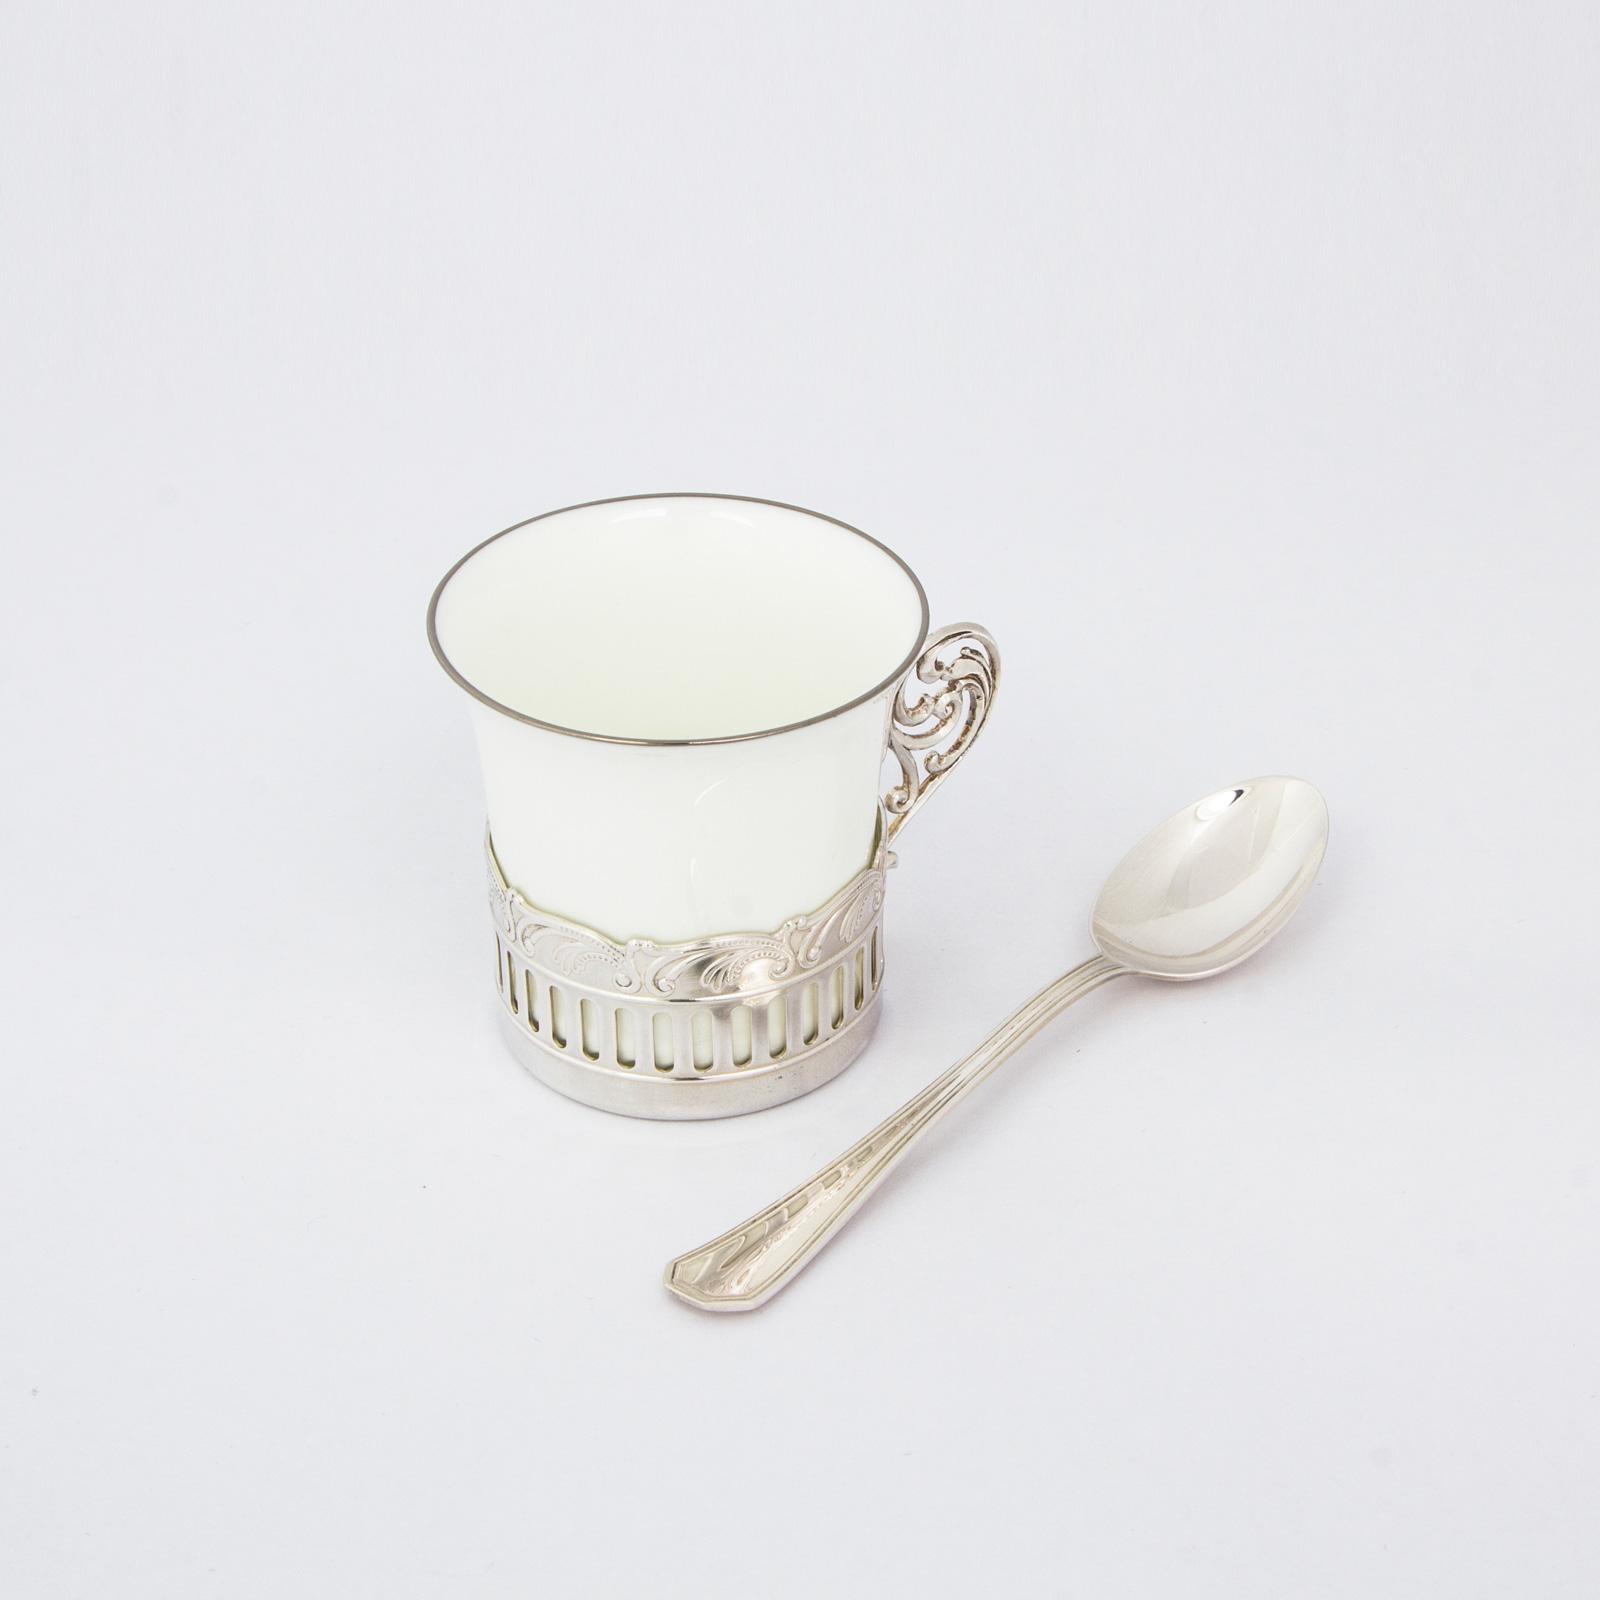 Серебряная чашка кофейная «Богема» + ложка кофейная «Элегант»